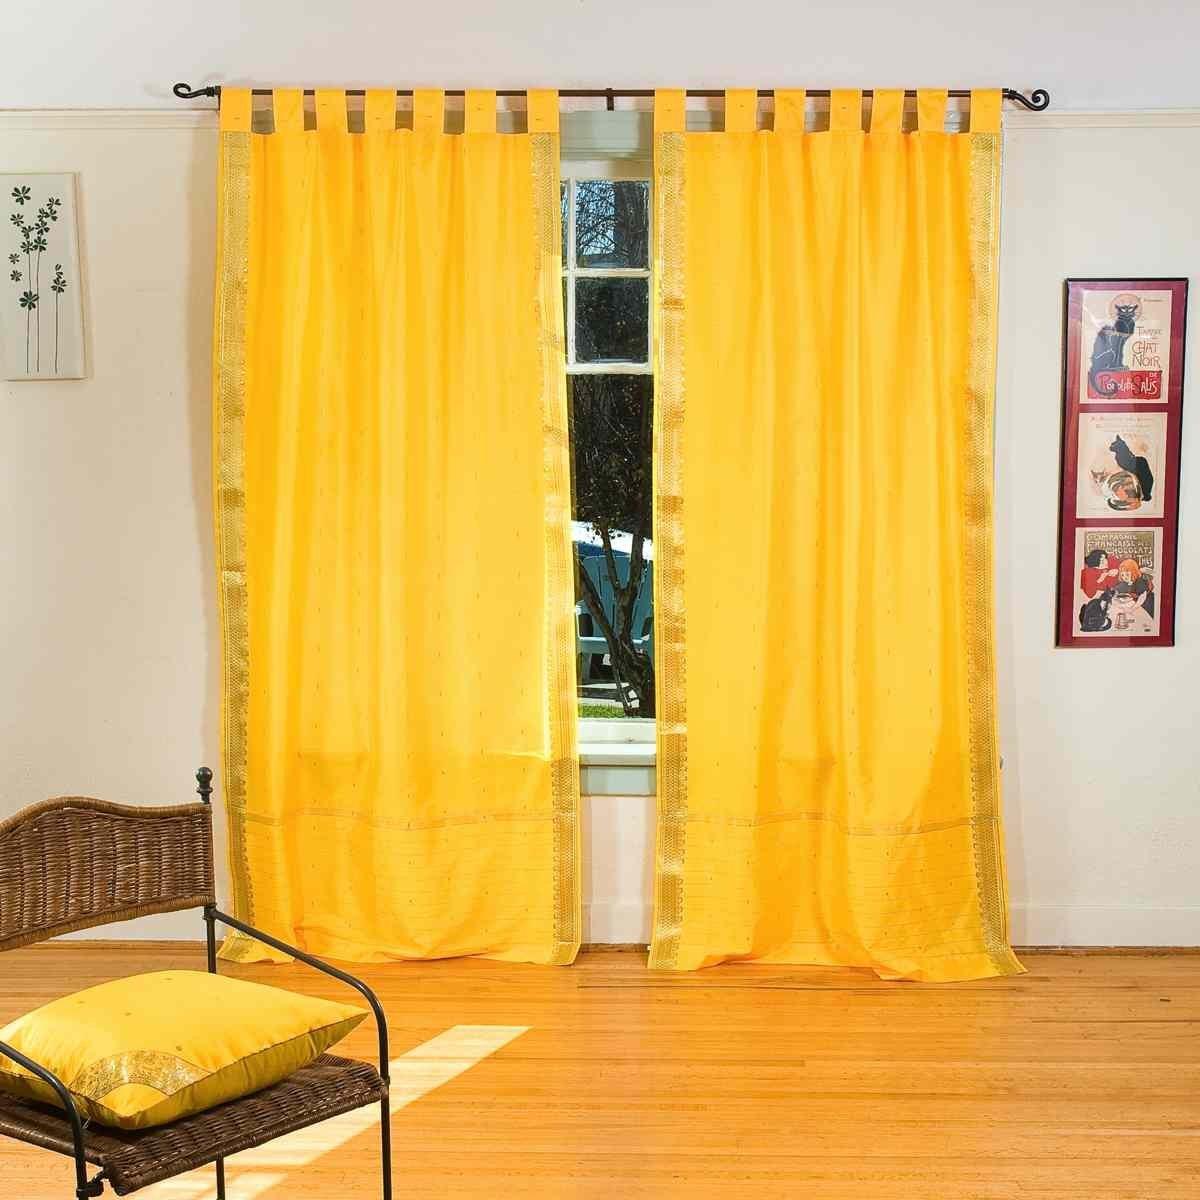 e181e8670c57213a58de82a0fb8da291 20+ Hottest Curtain Design Ideas for 2021